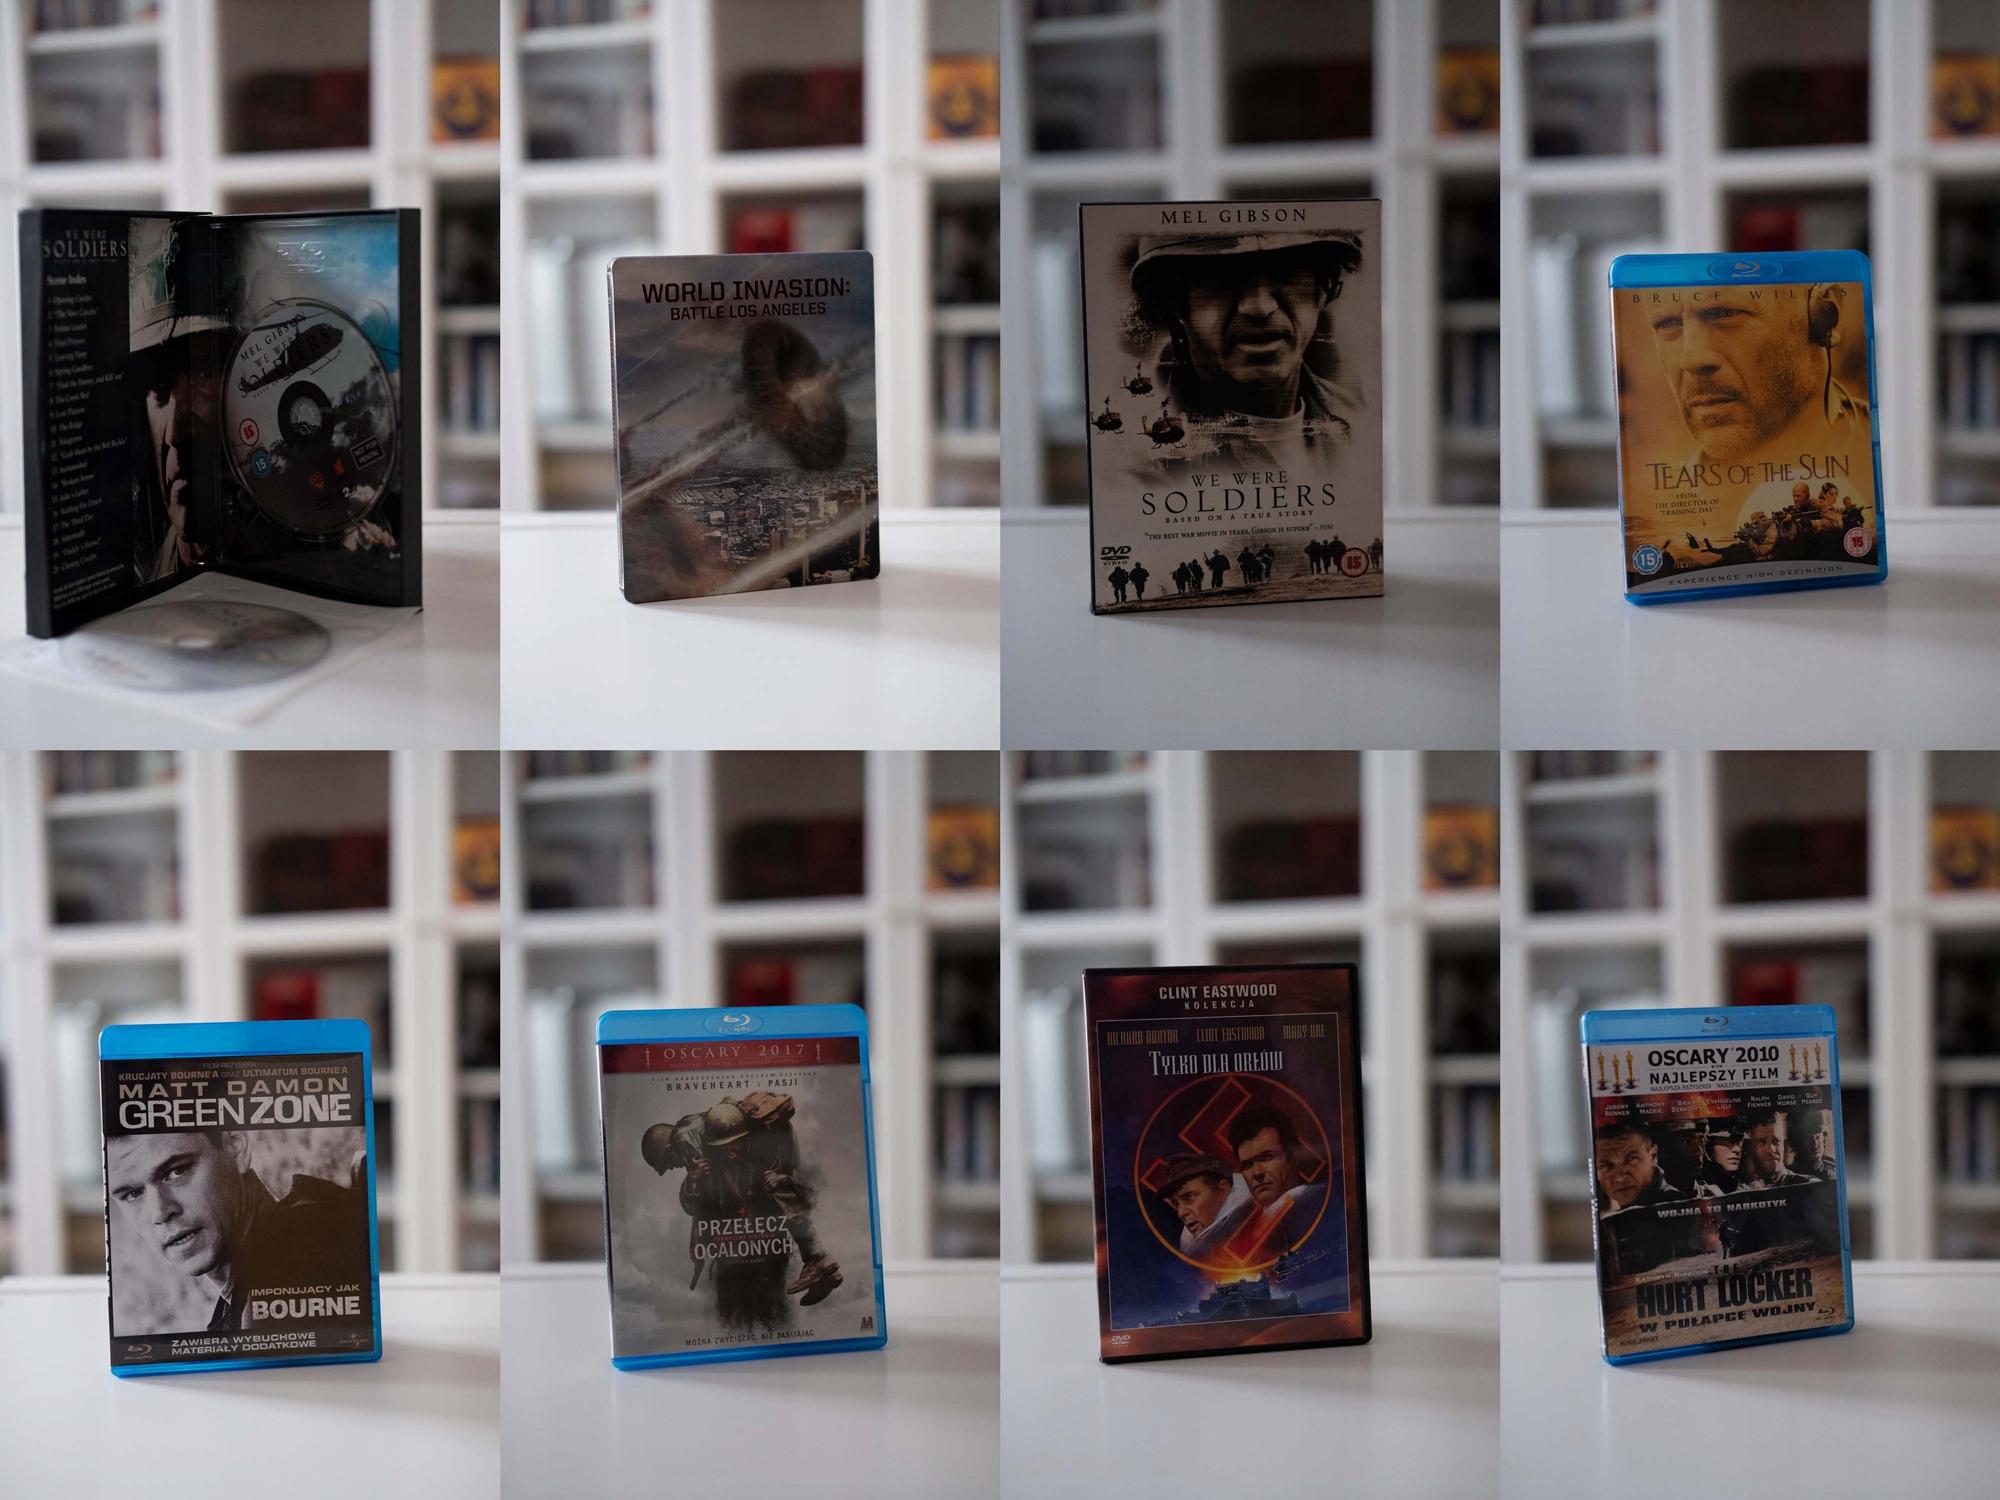 7 filmów wojennych, 5Blu-ray + 2DVD